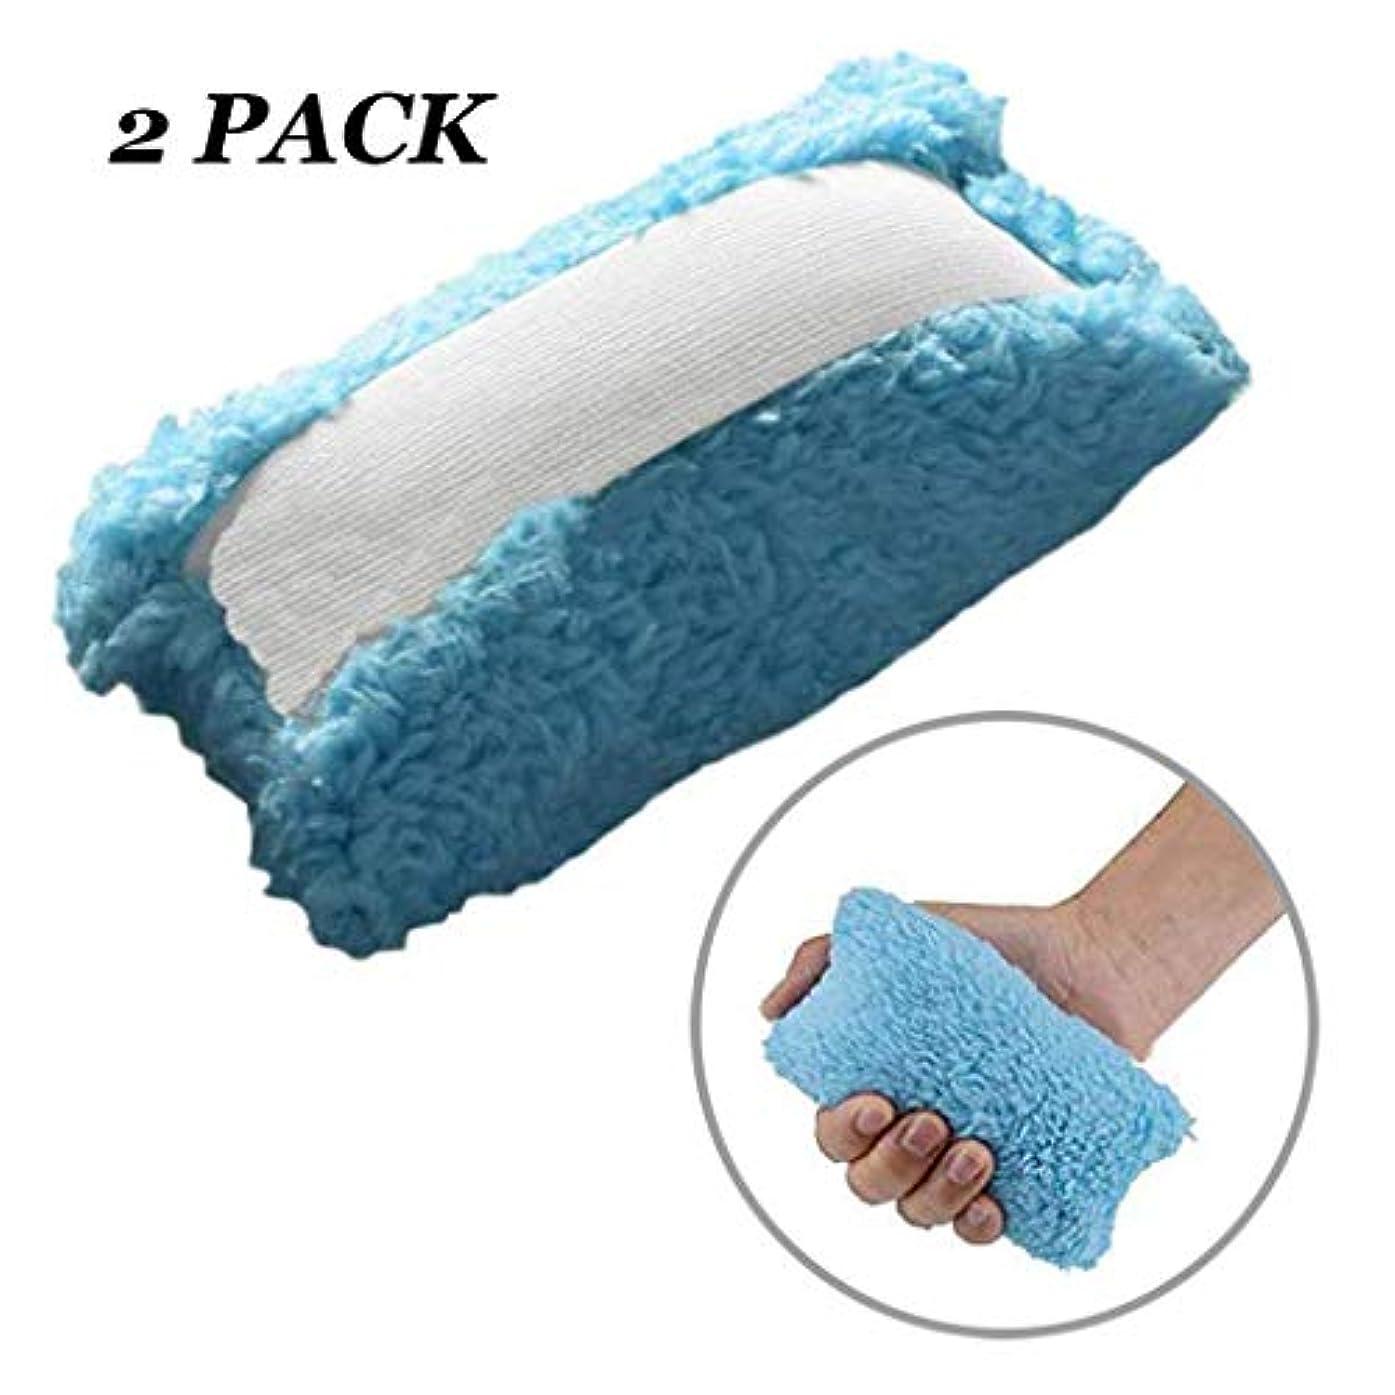 にじみ出る信号第脳卒中片麻痺のための指分離拘縮クッション、指をつまむ手、通気性、吸湿性高齢者ケアパッドを防ぐ,2pcs